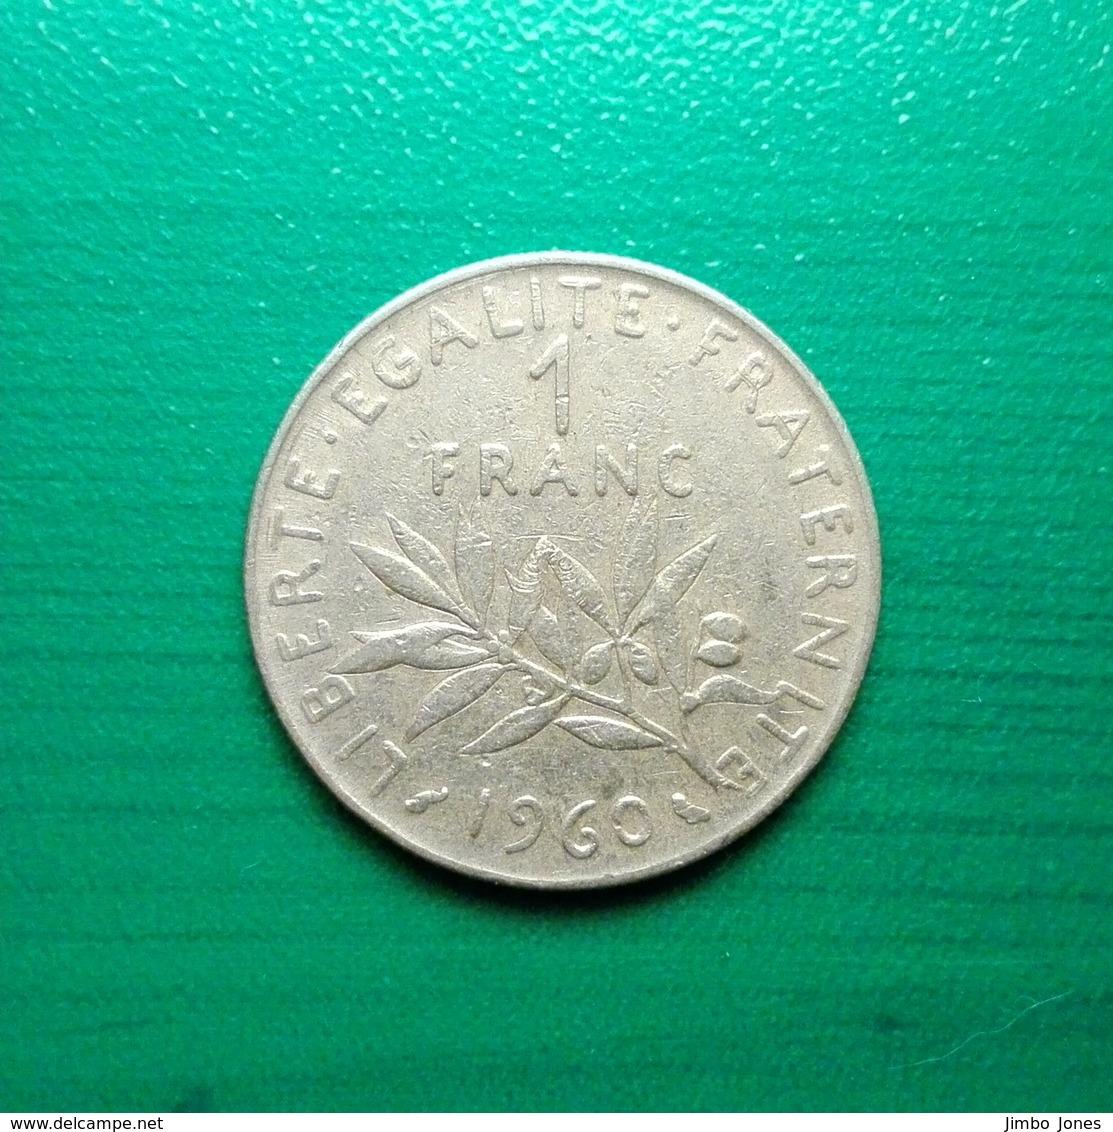 1 Franc Münze Aus Frankreich Von 1960 (schön) - Frankreich